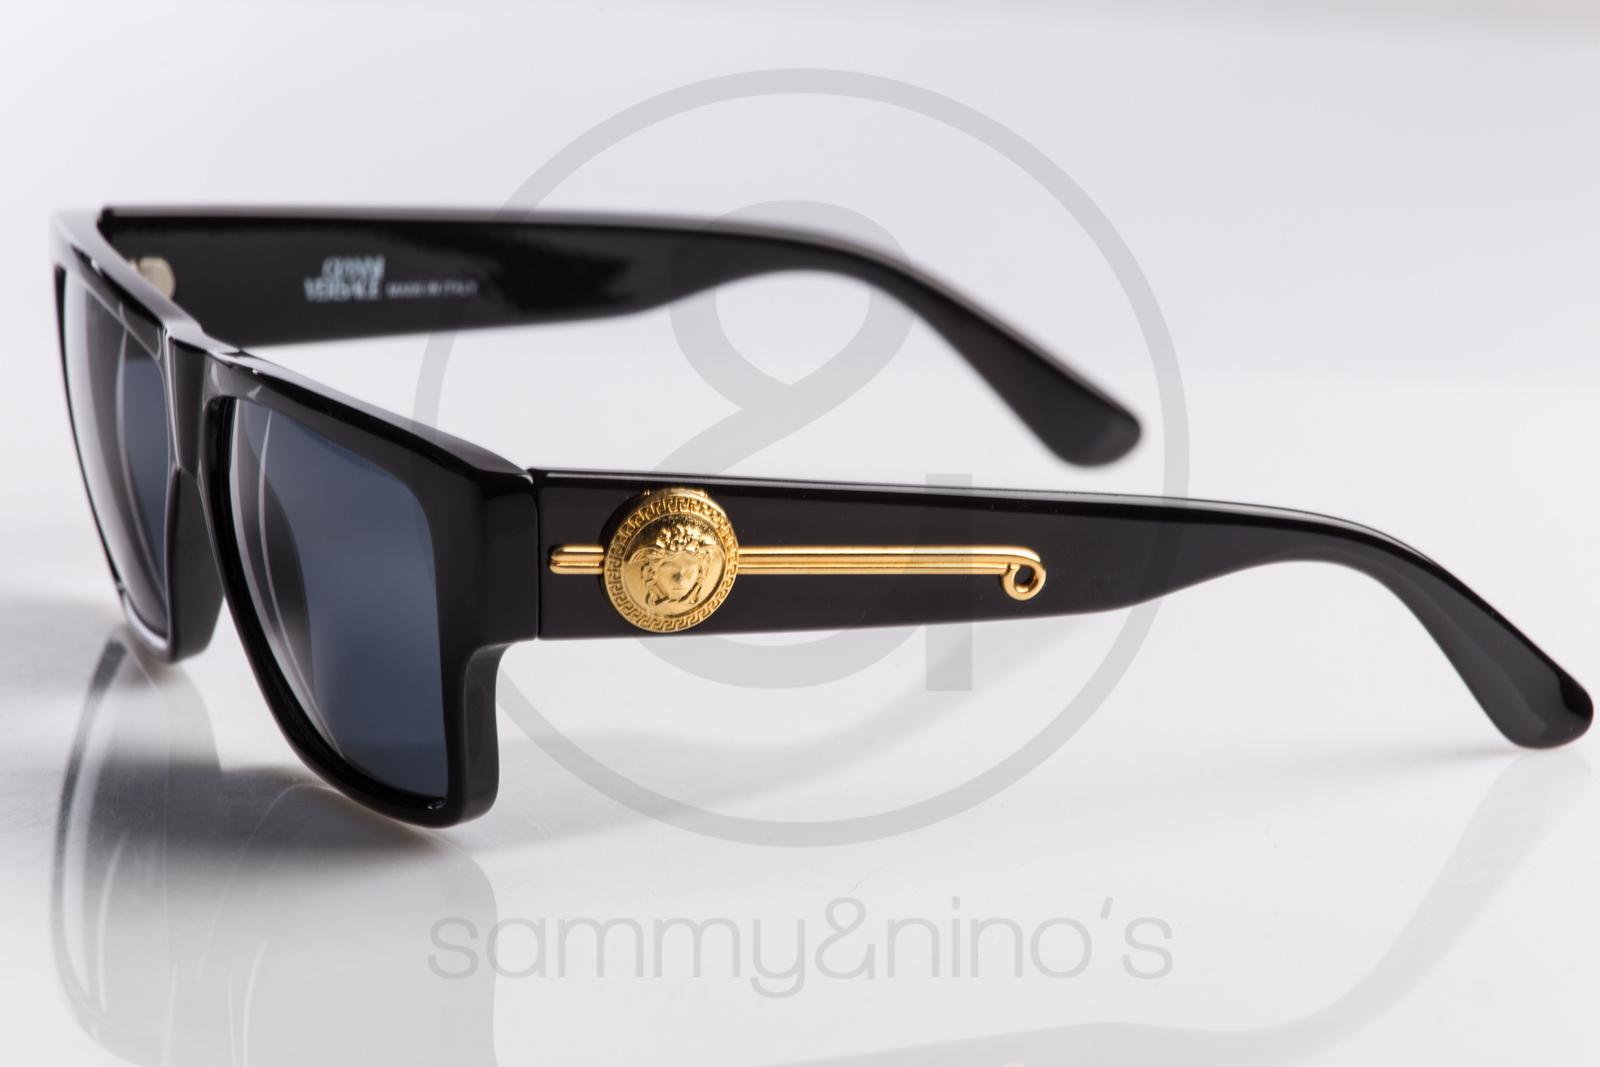 Gianni Versace 372/dm 852 – Sammy & Nino\'s Store